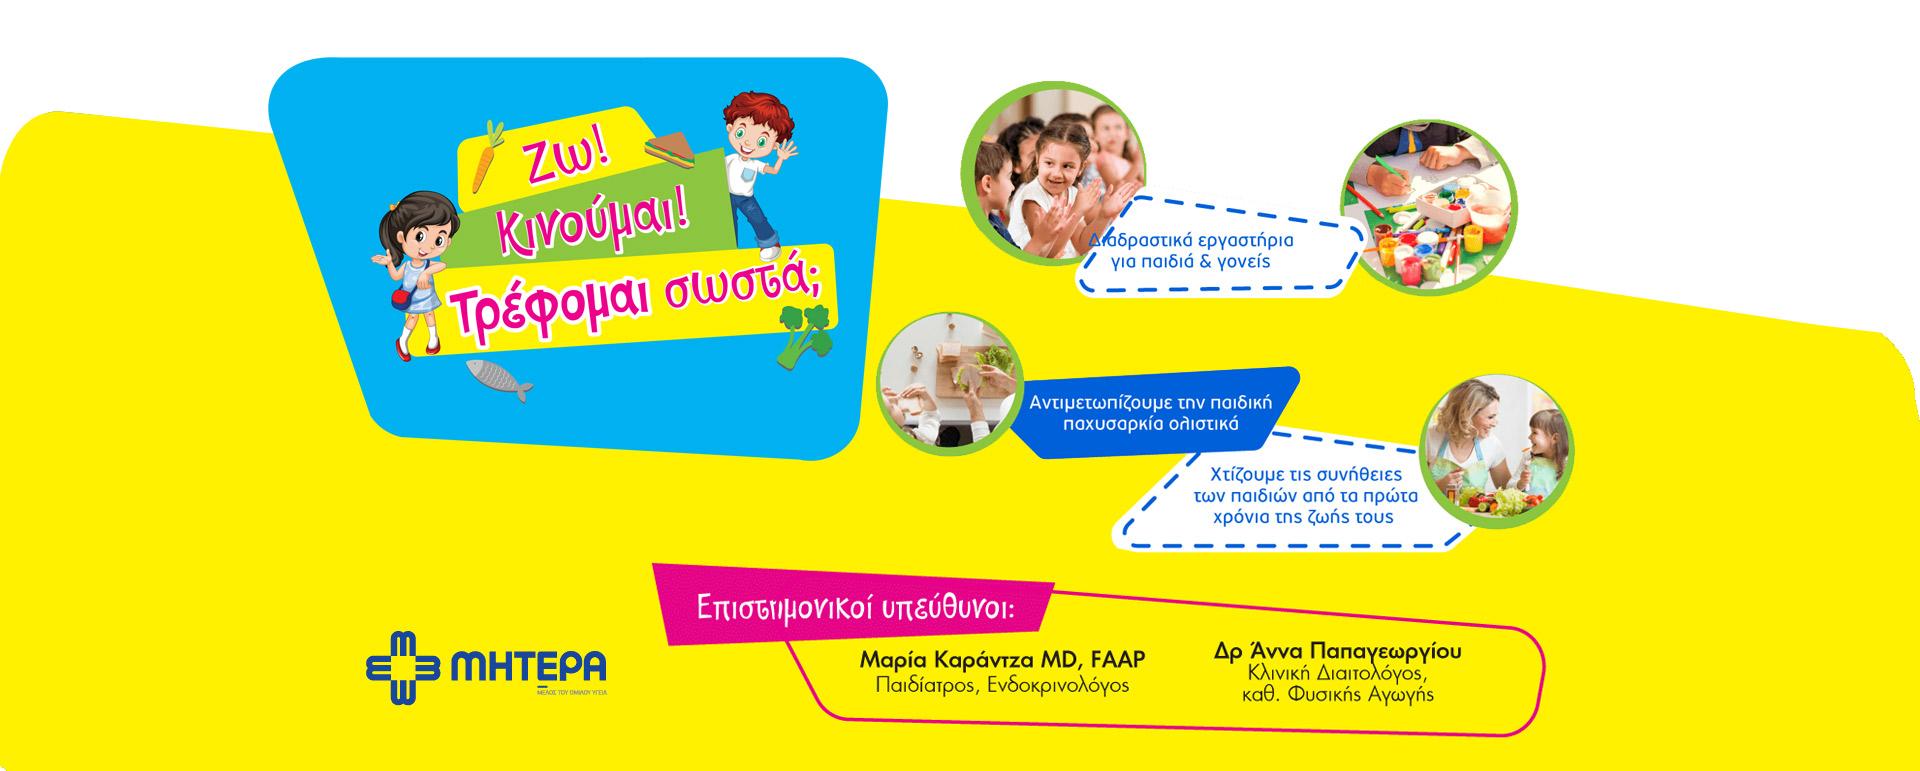 Ευρωστία, Παιδική παχυσαρκία